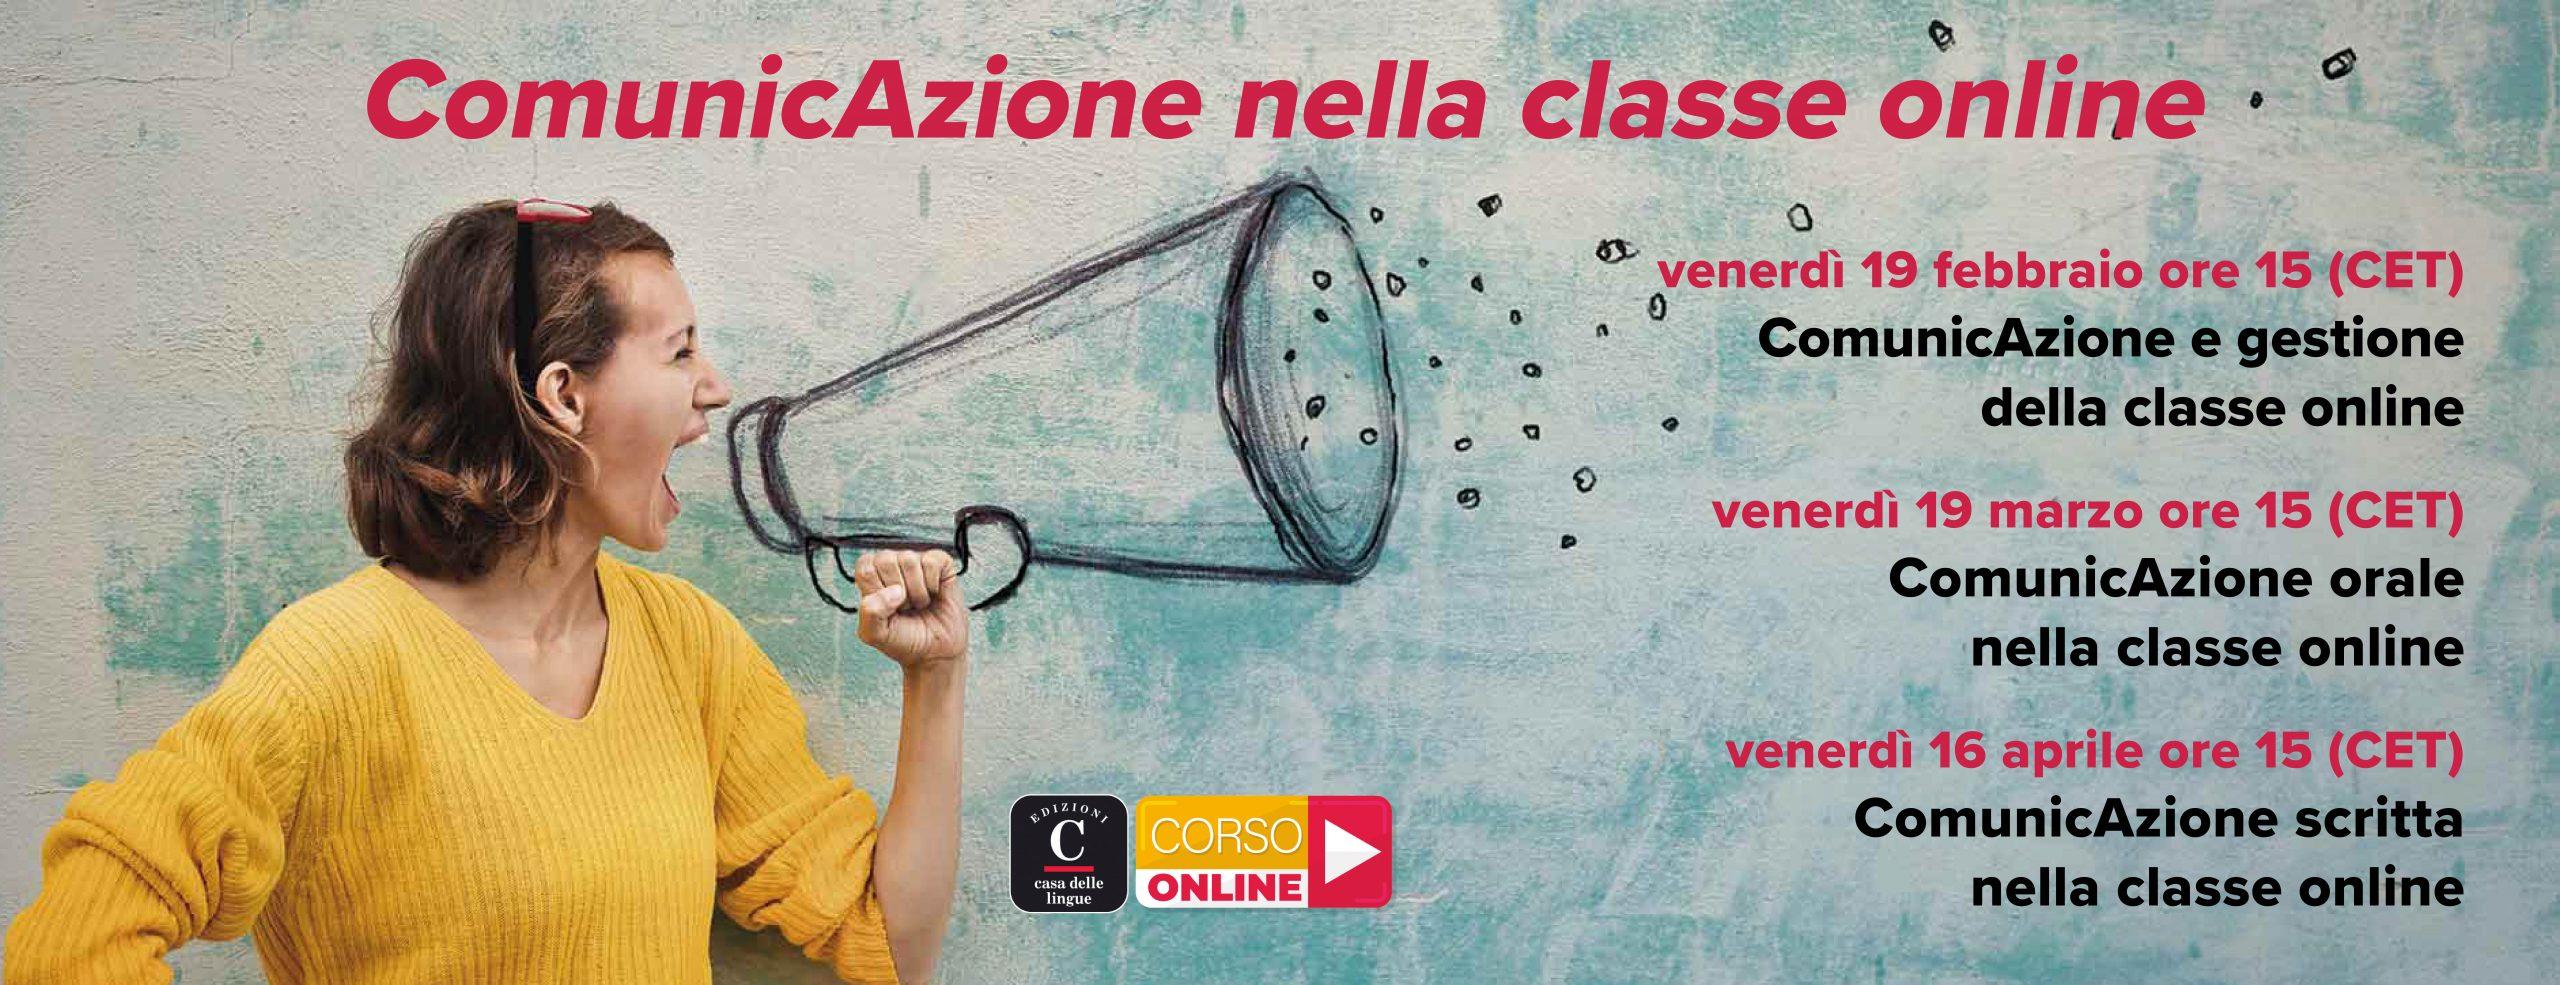 ComunicAzione nella classe online